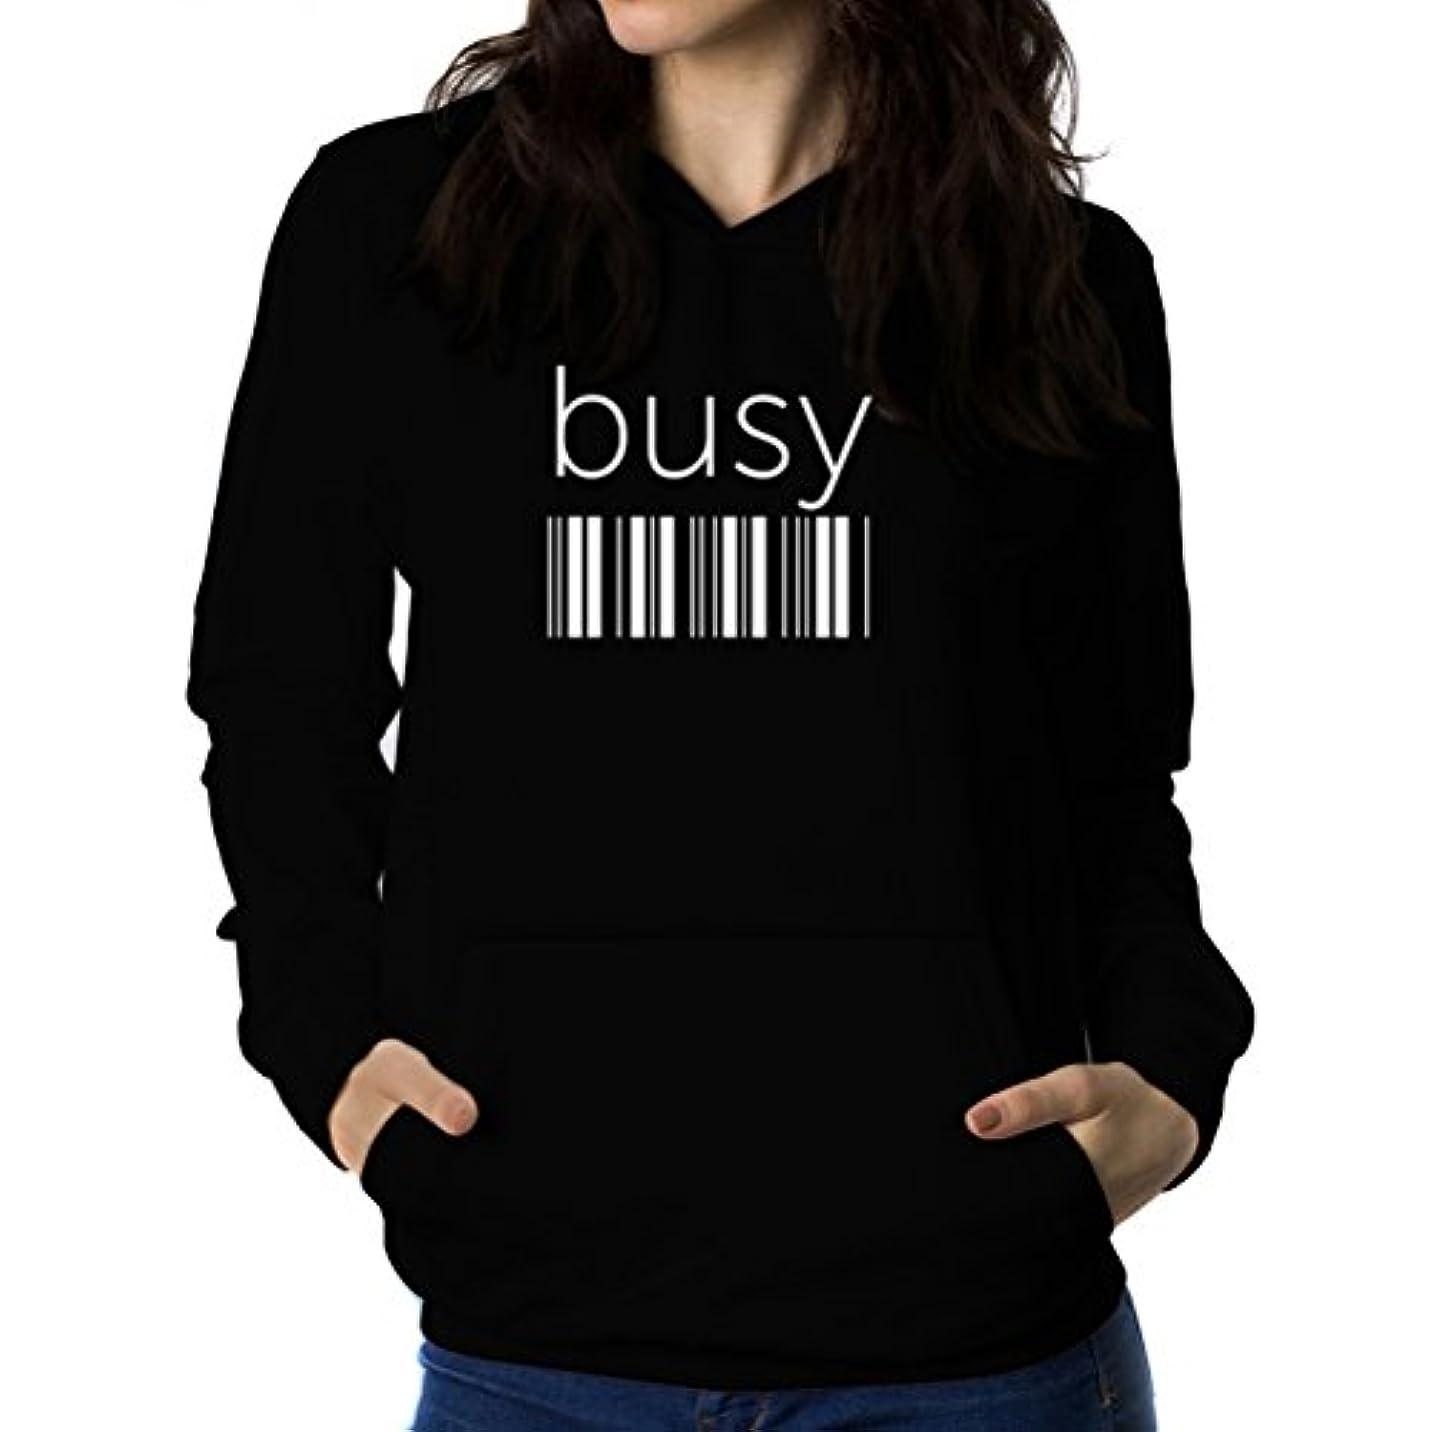 キリストシェル怪物busy barcode 女性 フーディー